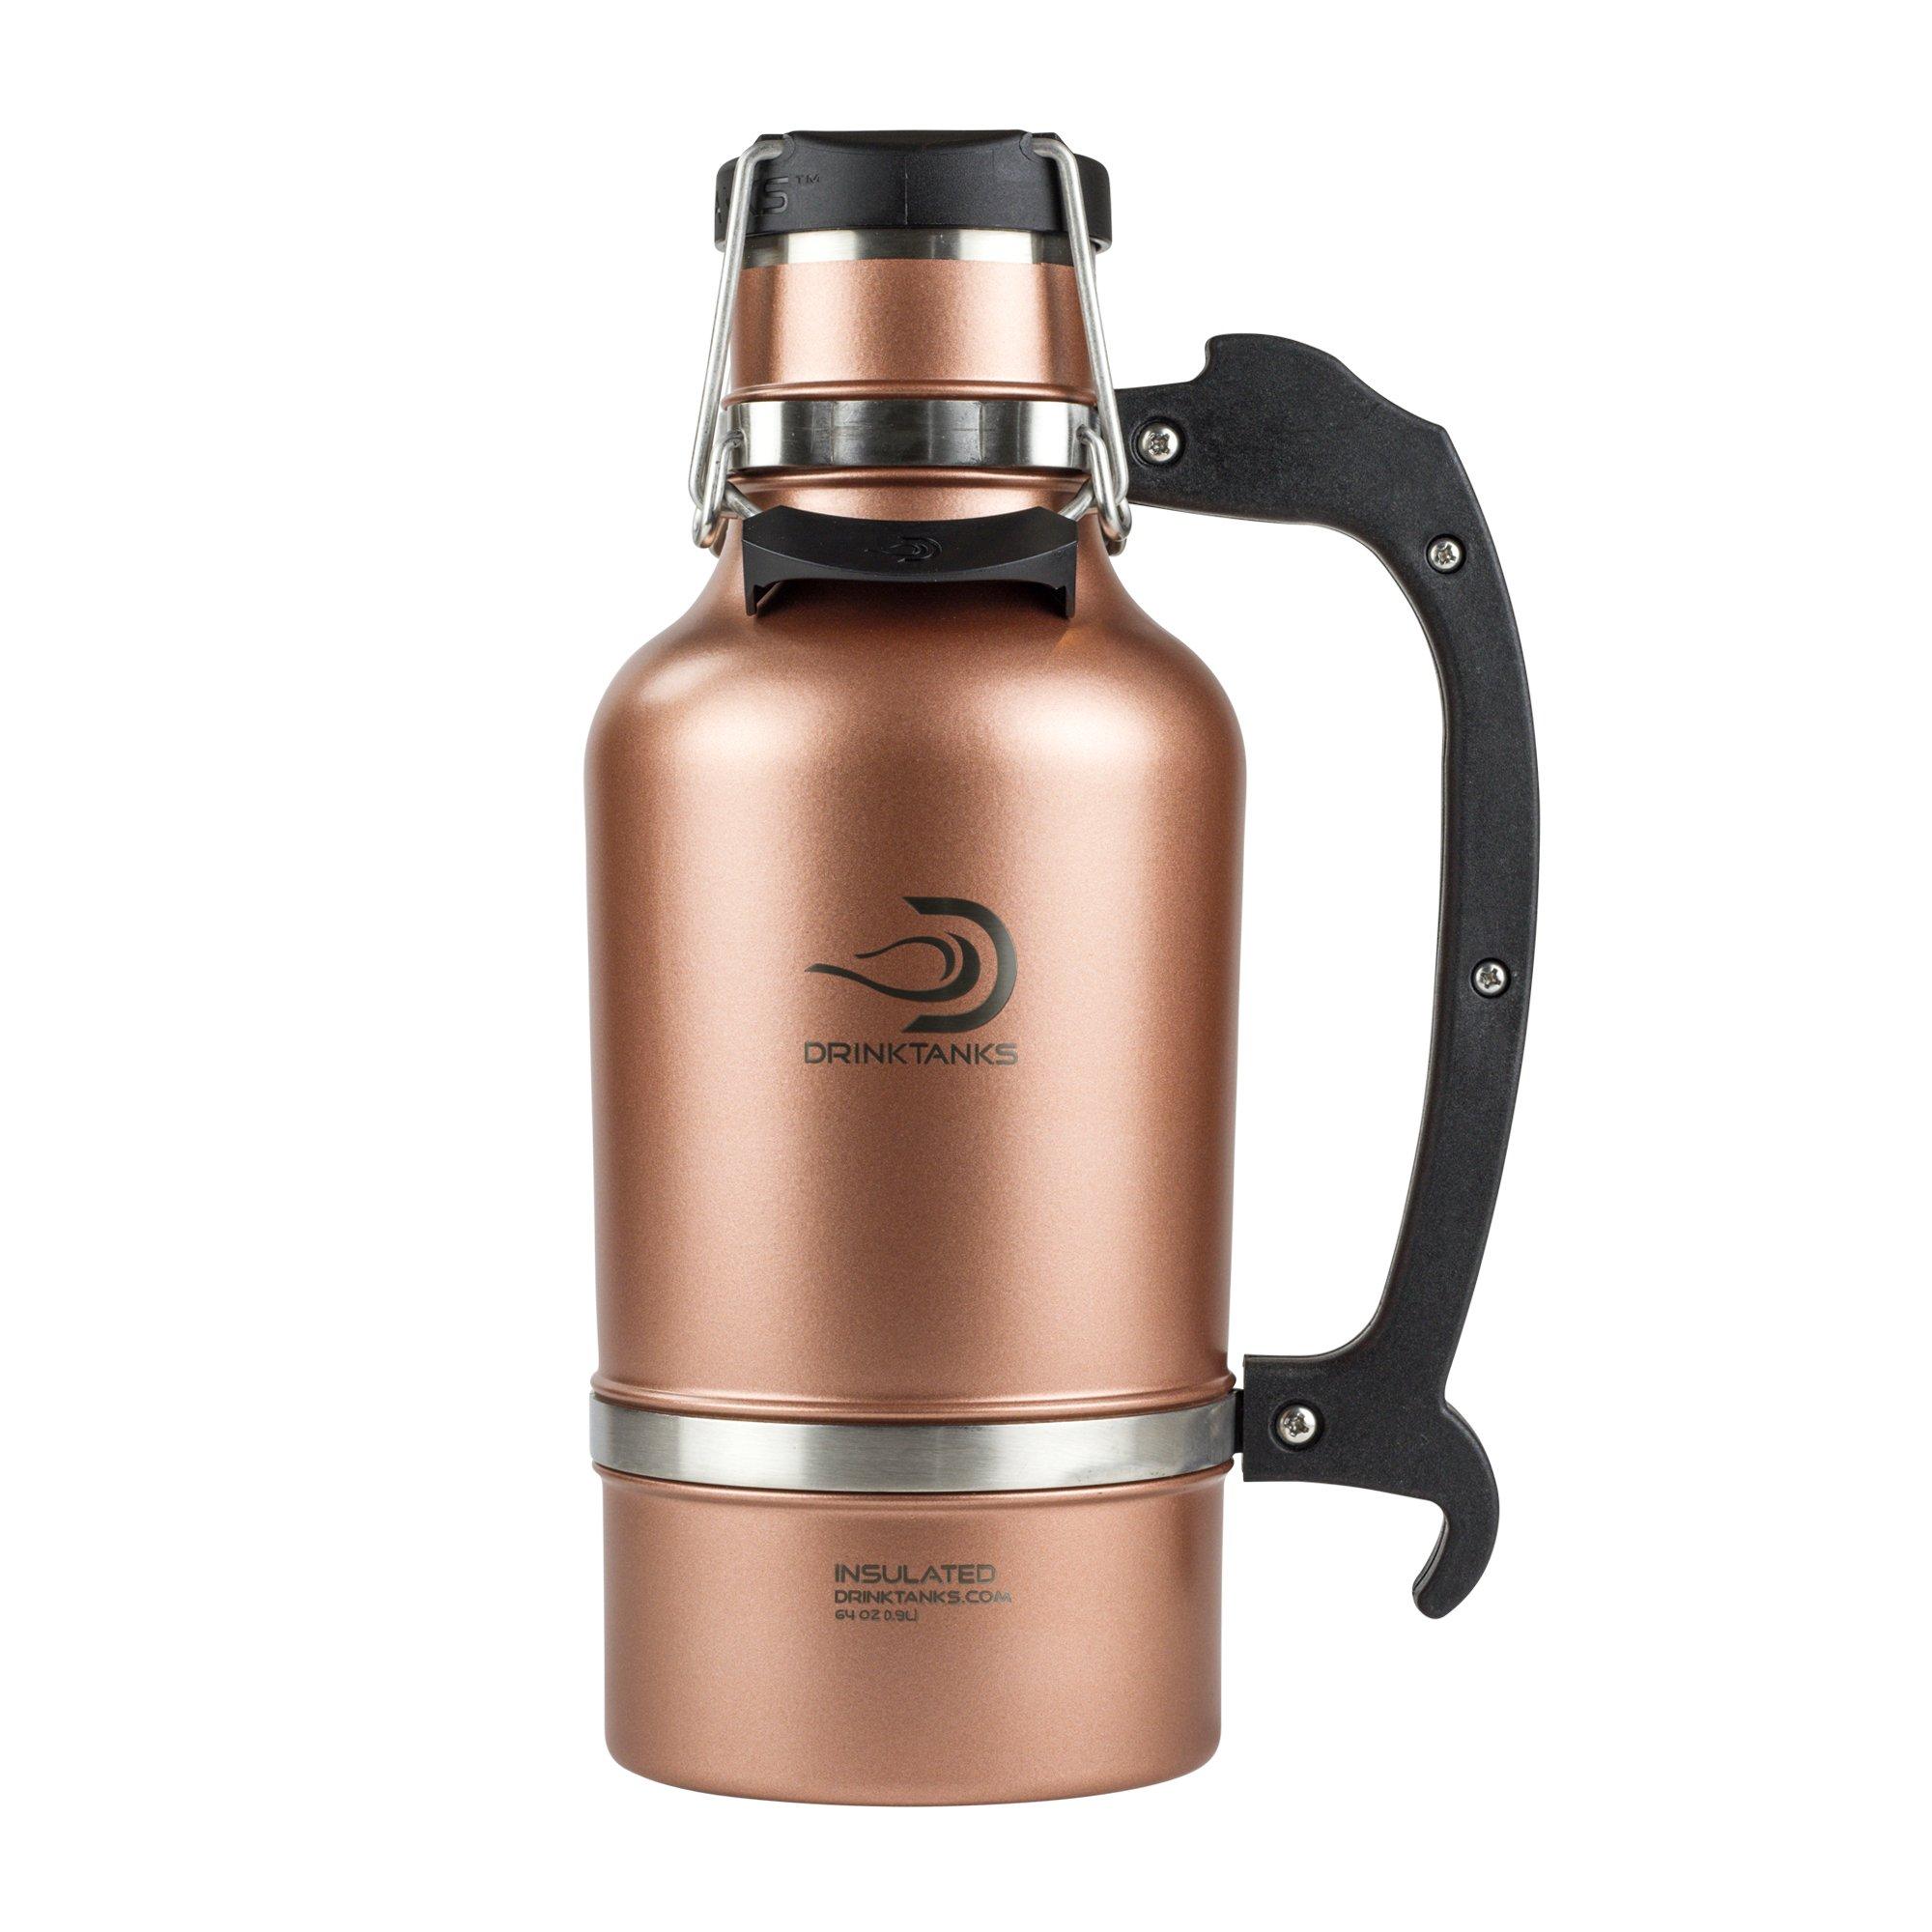 DrinkTanks Vacuum Insulated Stainless Steel Beer Growler, 64 oz.